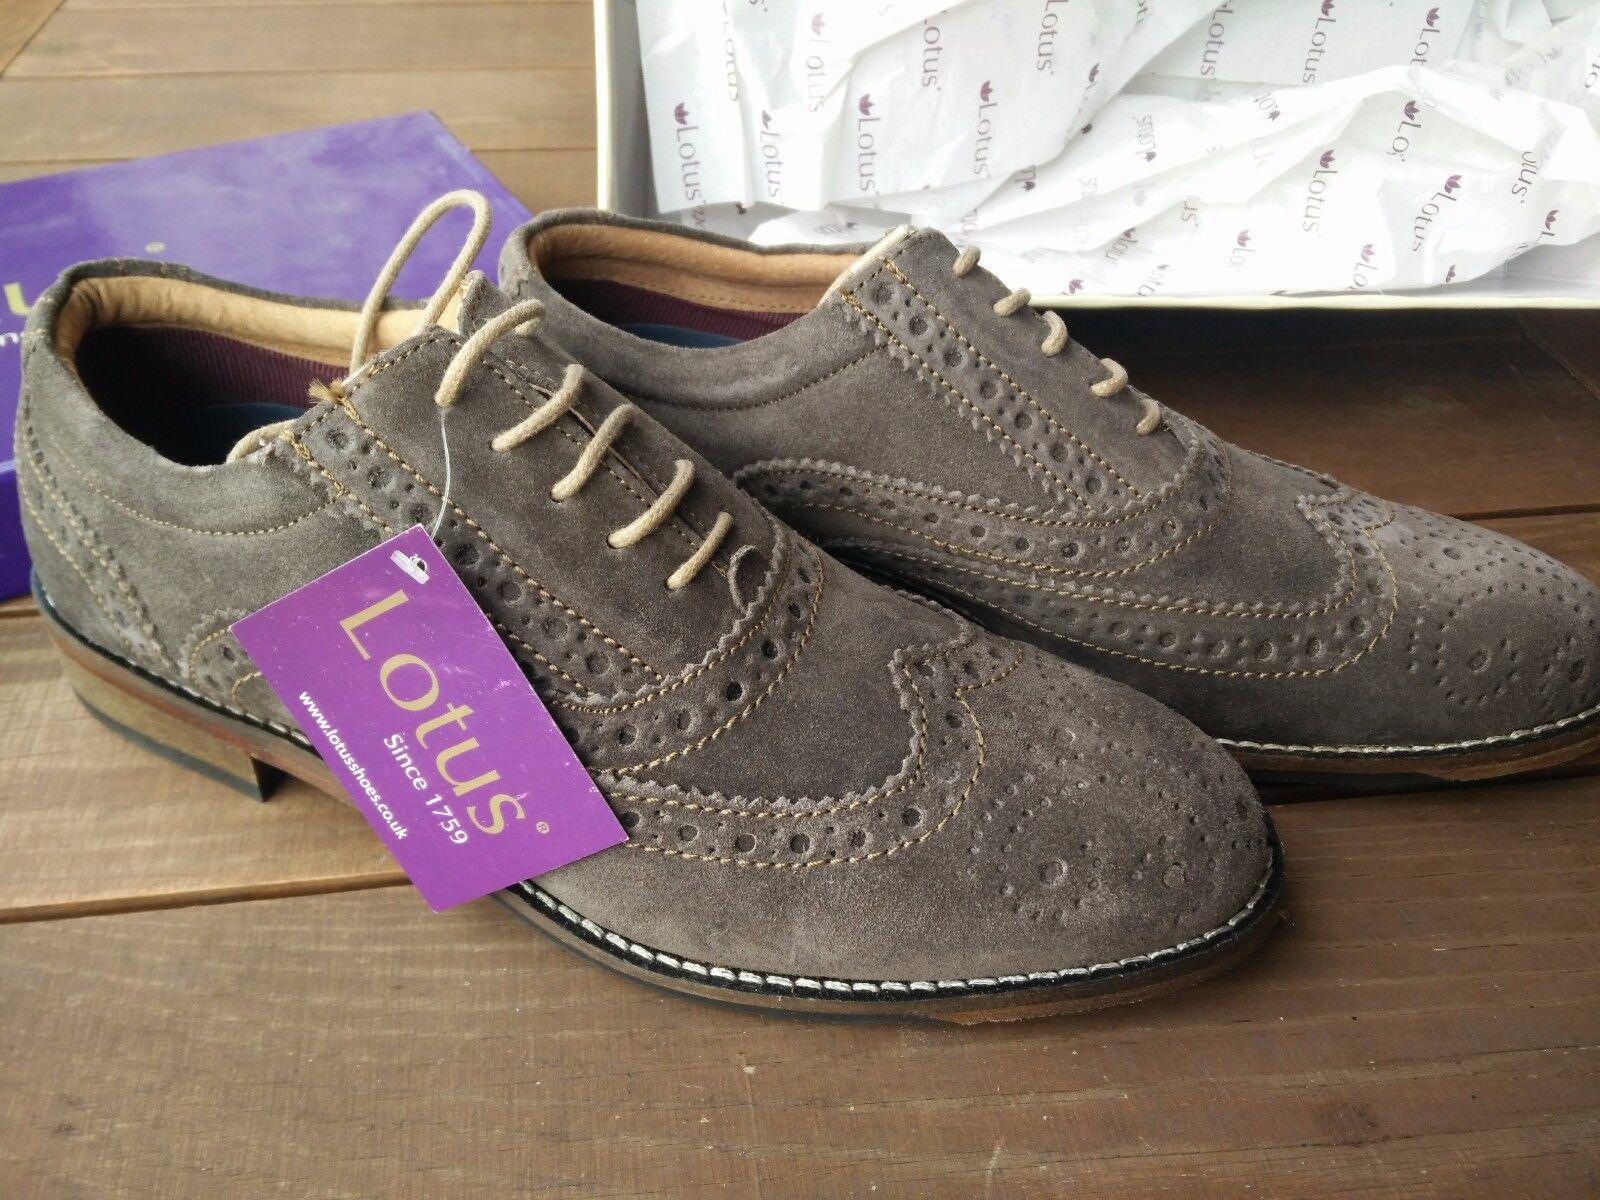 Lotus zapatos 1759 marrón de gamuza zapatos de piel brogue Oxford